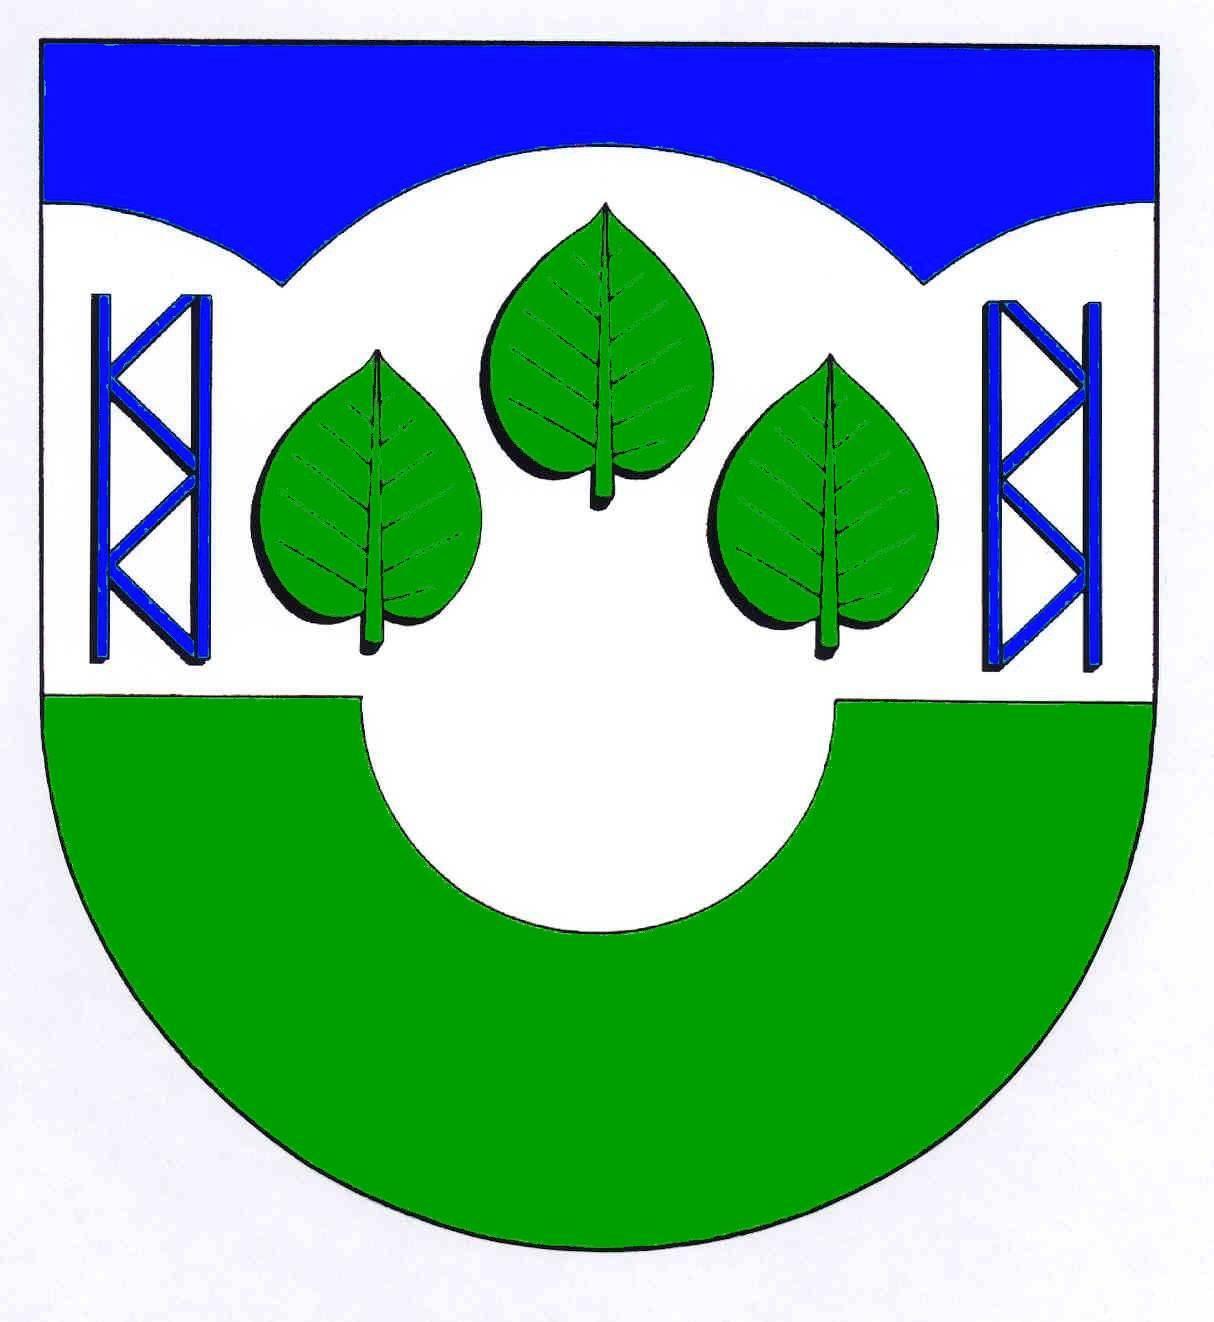 Wappen GemeindeAgethorst, Kreis Steinburg